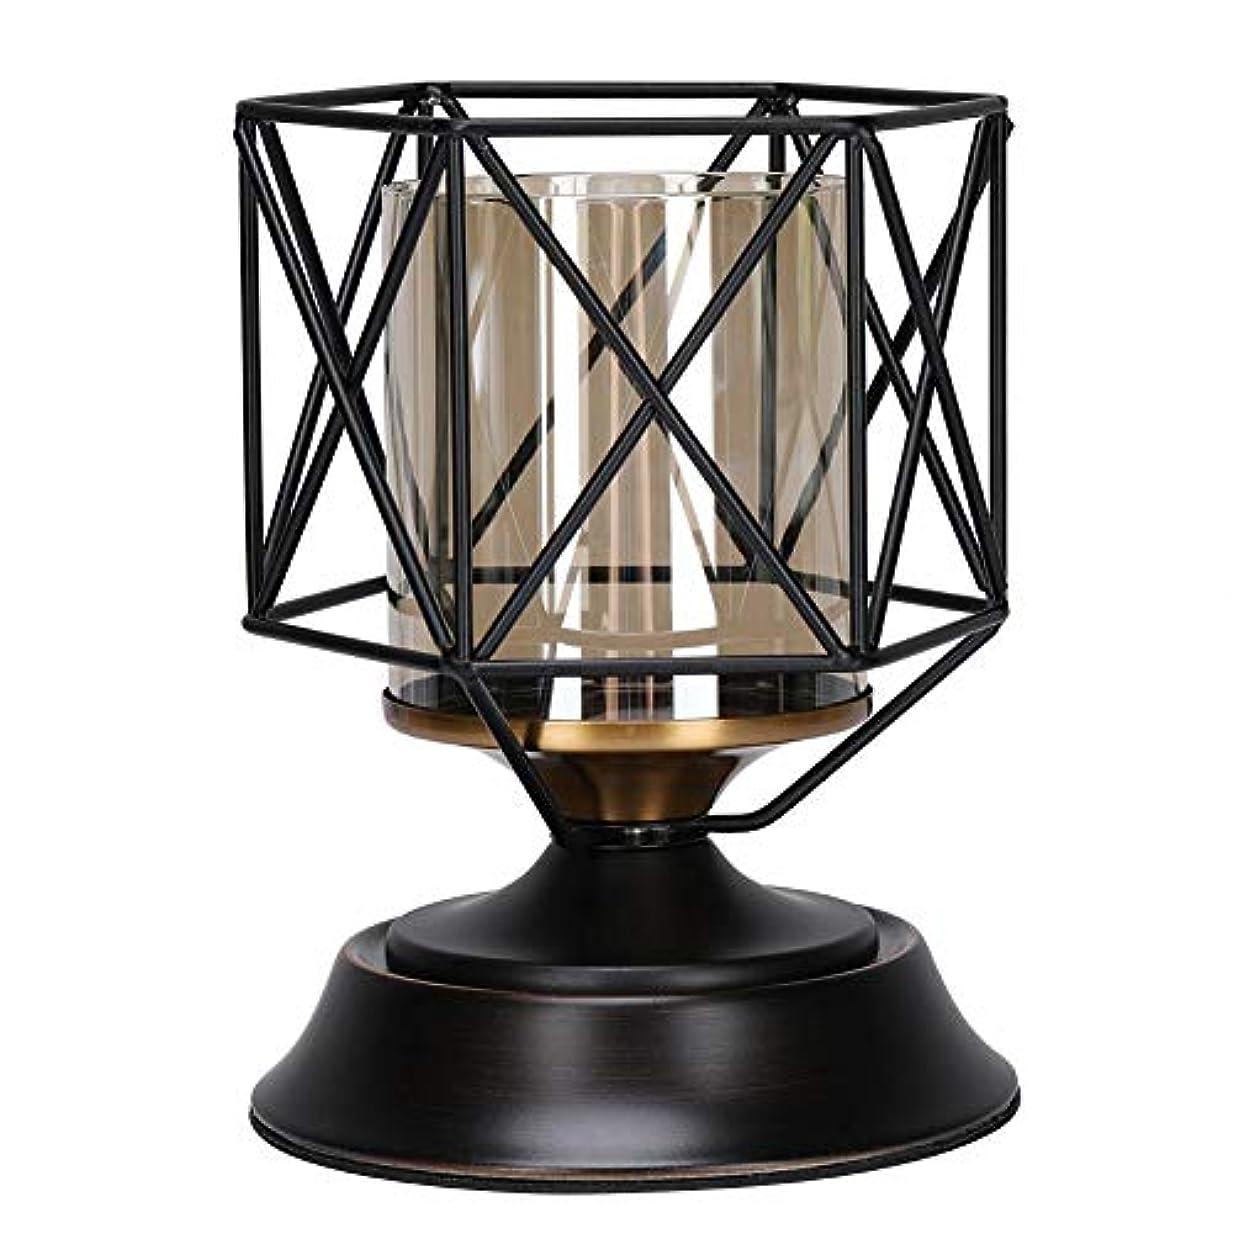 コミュニケーション養う制限アイアンローソク足、1ピーススタイリッシュな幾何学的アイアンローソク足飾りレトロキャンドルホルダーテーブルの装飾ギフト